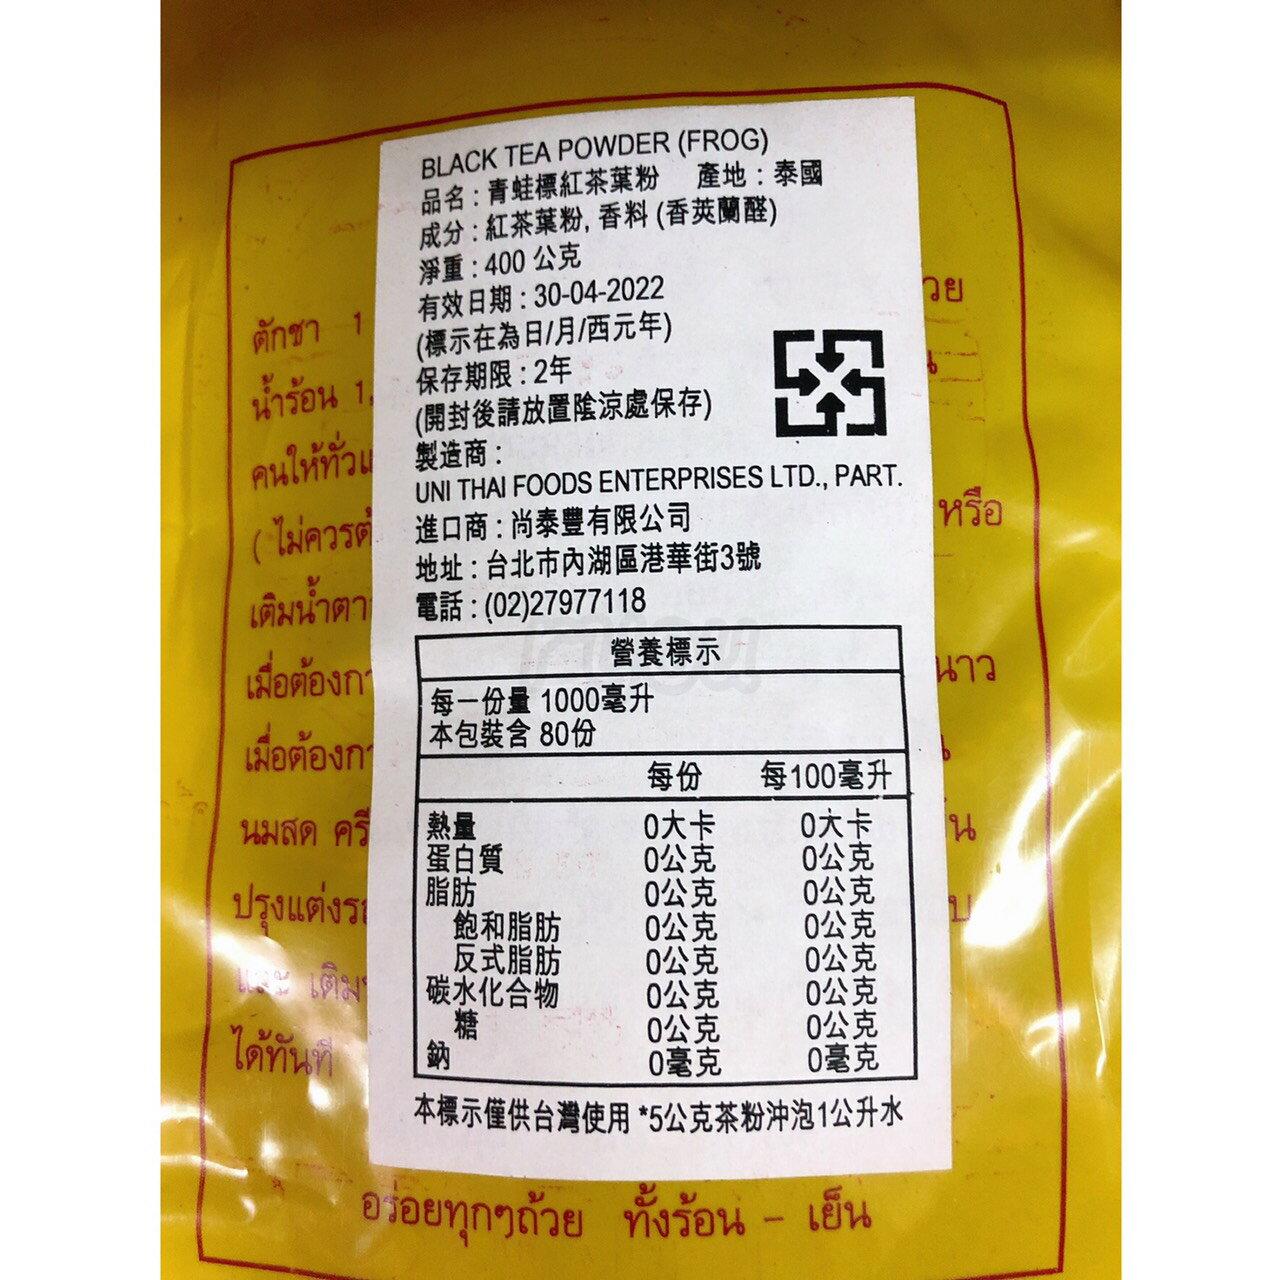 泰國 青蛙標 錫蘭茶粉(紅茶粉) 400G/袋 青蛙標錫蘭紅茶粉 袋裝 泰國 紅茶粉 青蛙標 錫蘭紅茶 好喝紅茶 泰式